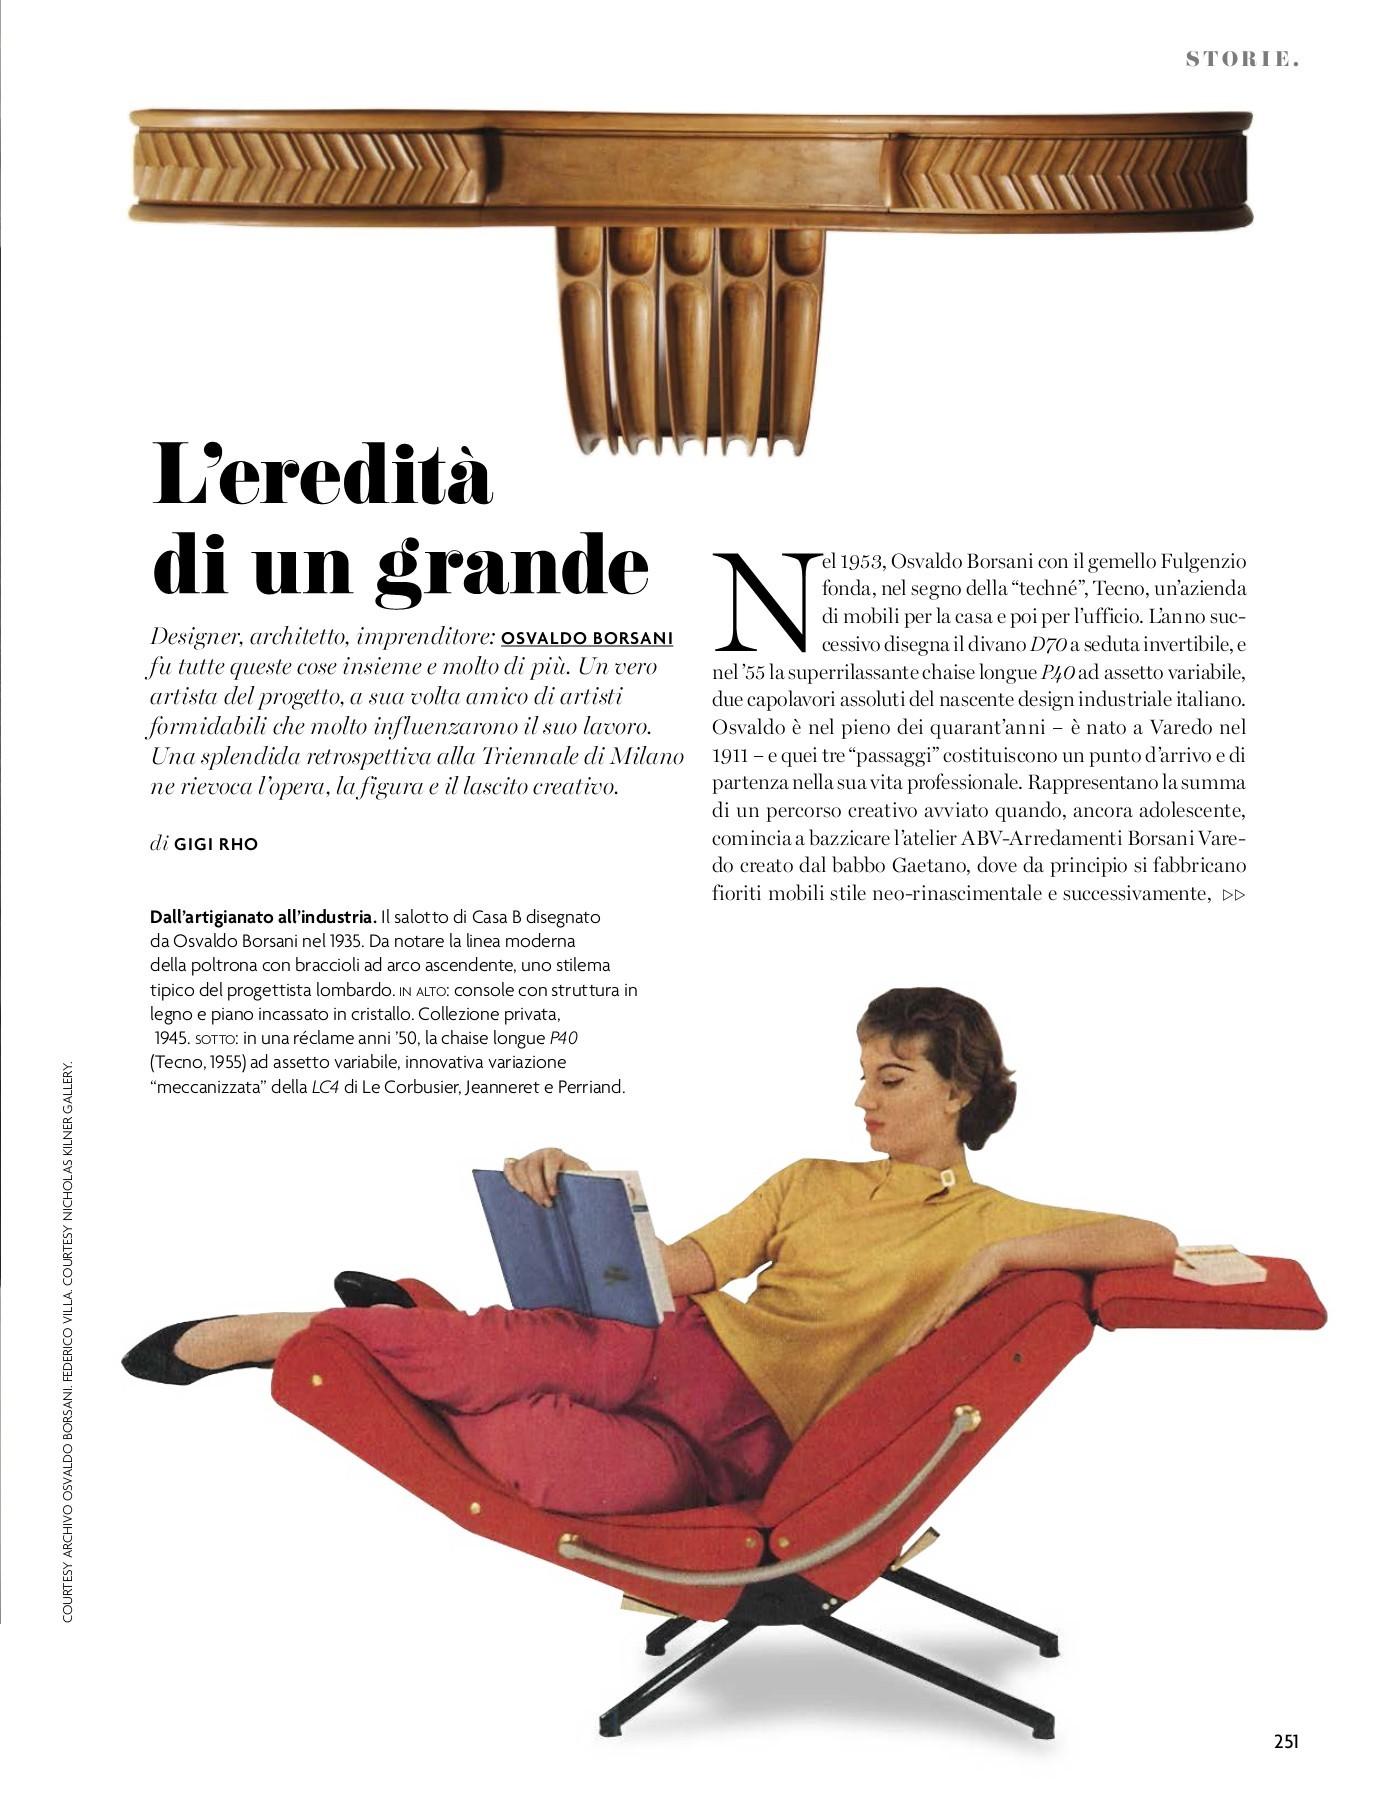 Artigiano Della Sedia Bologna ad architectural digest italia settembre 2018-flip book